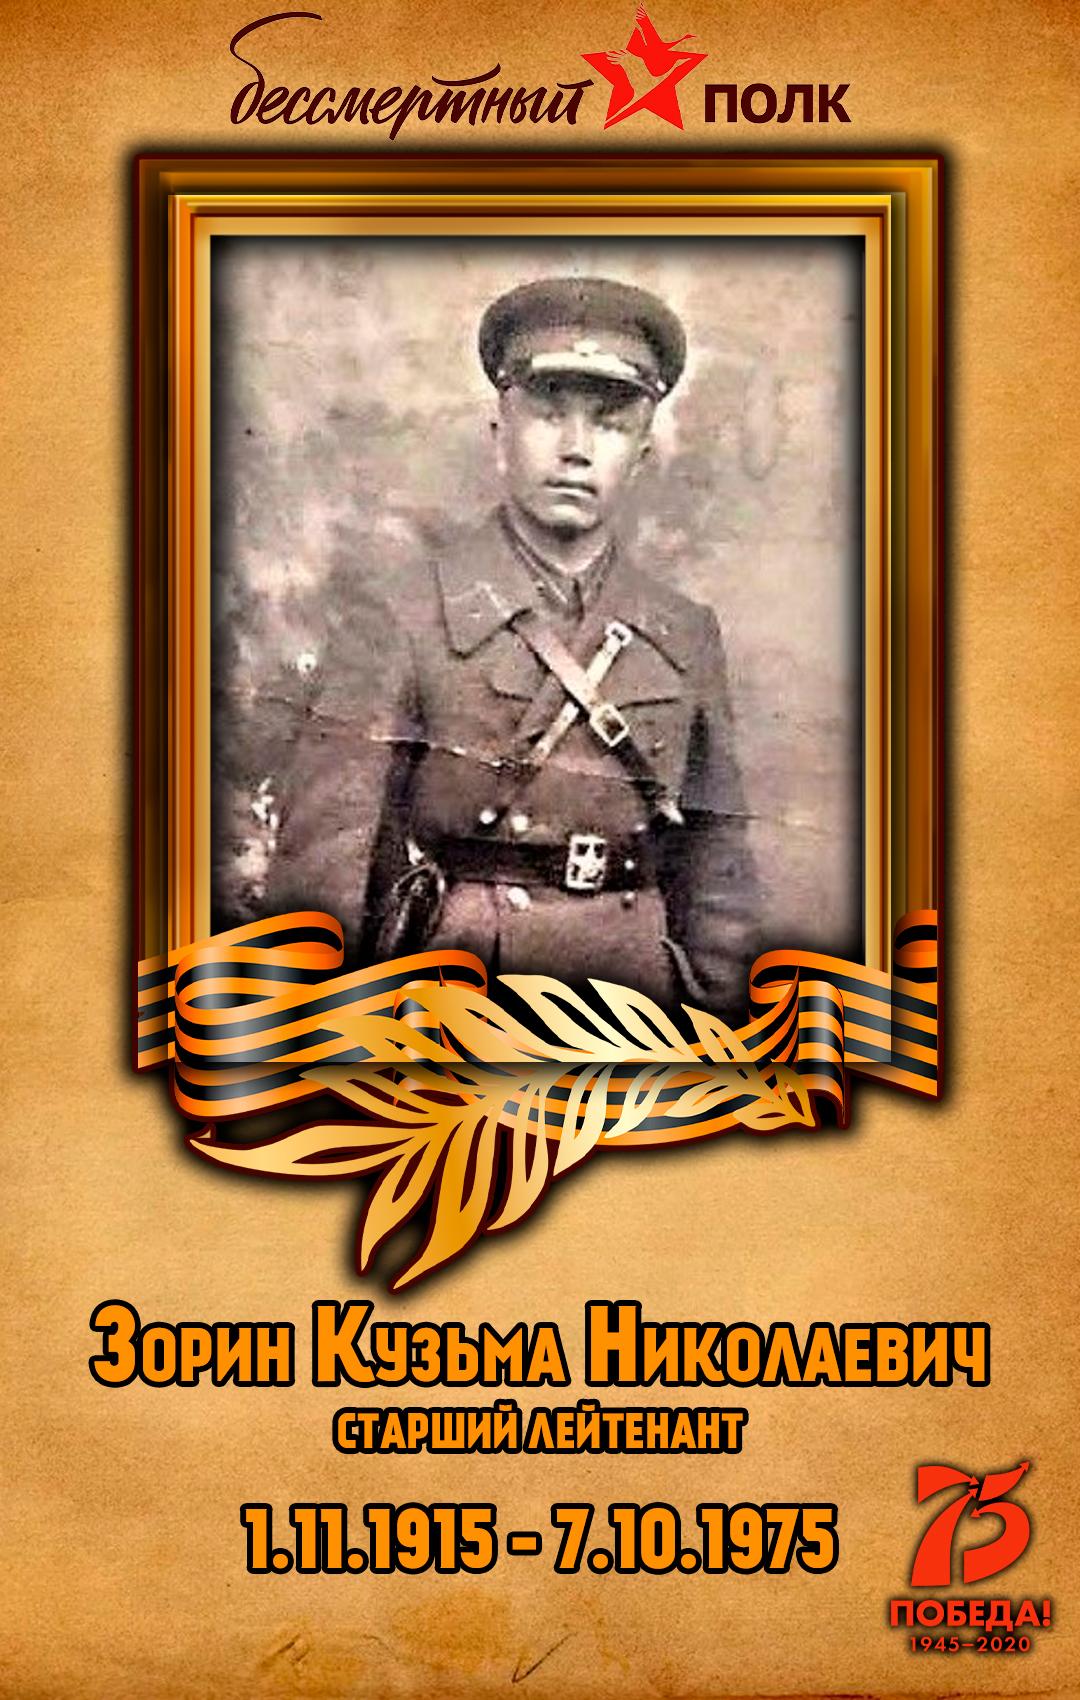 Зорин-Кузьма-Николаевич